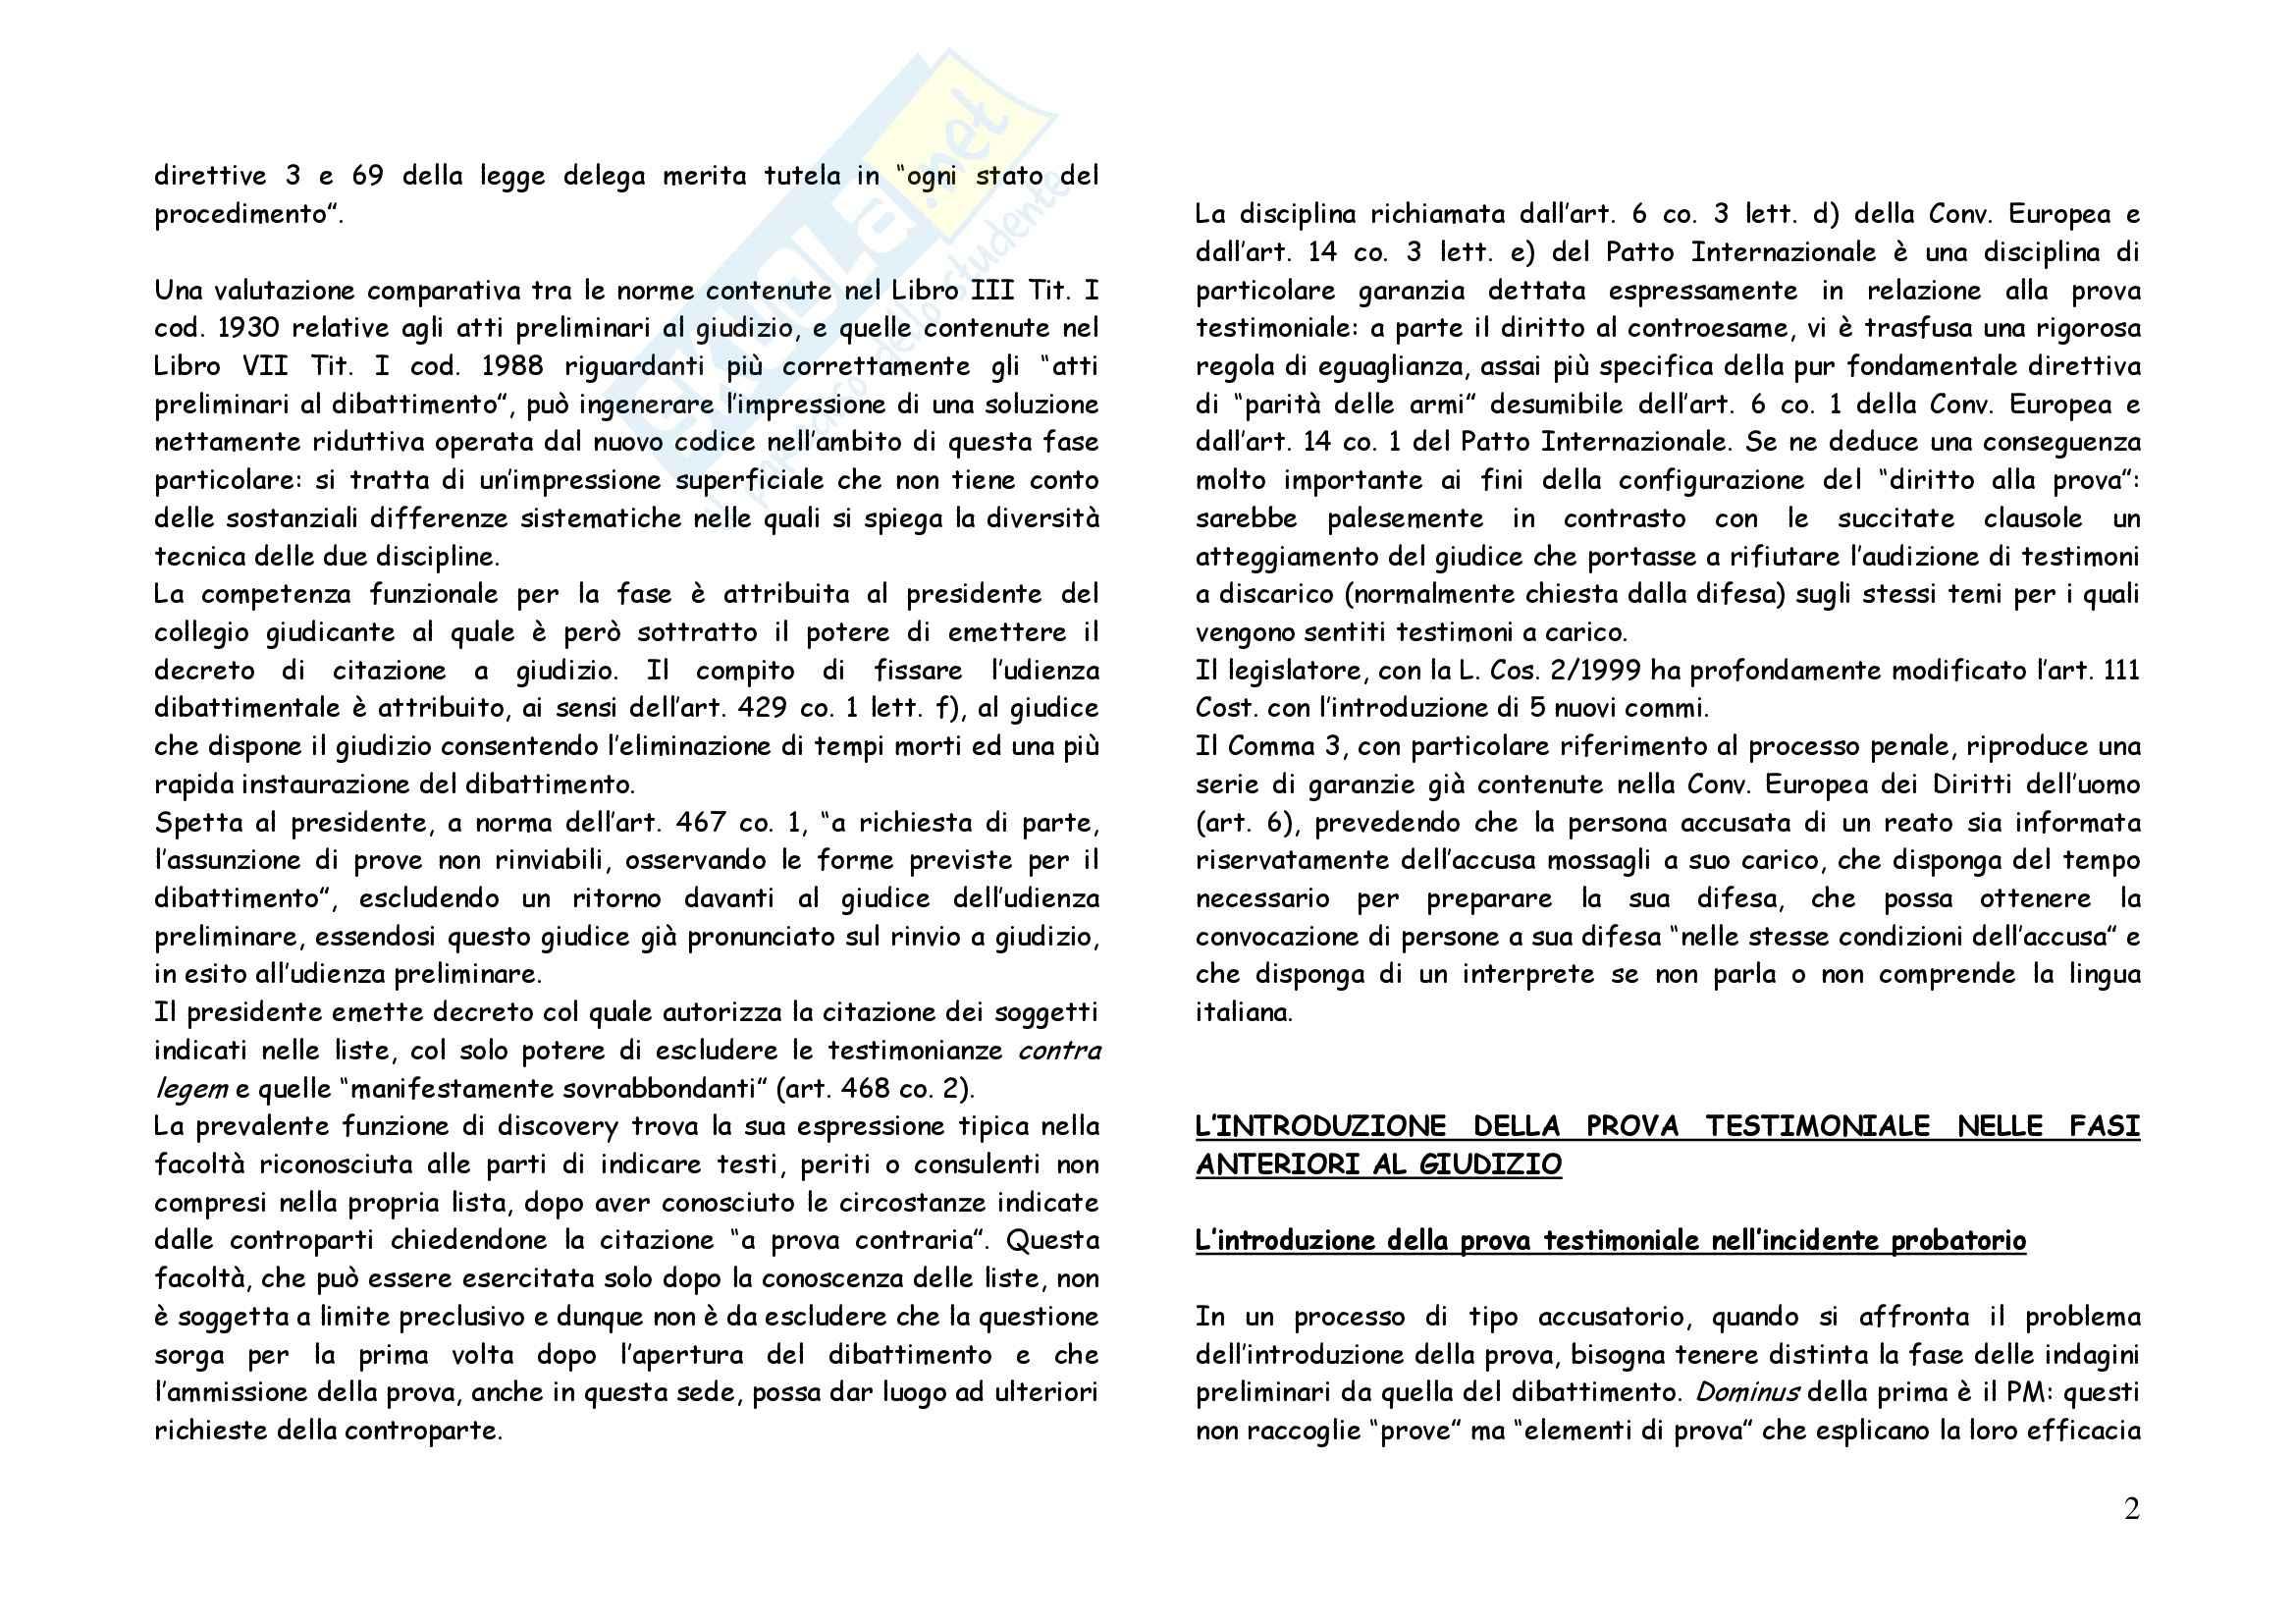 Riassunto esame Diritto Processuale Penale, prof. Garofoli, libro consigliato L'Introduzione della Prova Testimoniale nel Processo Penale Pag. 2